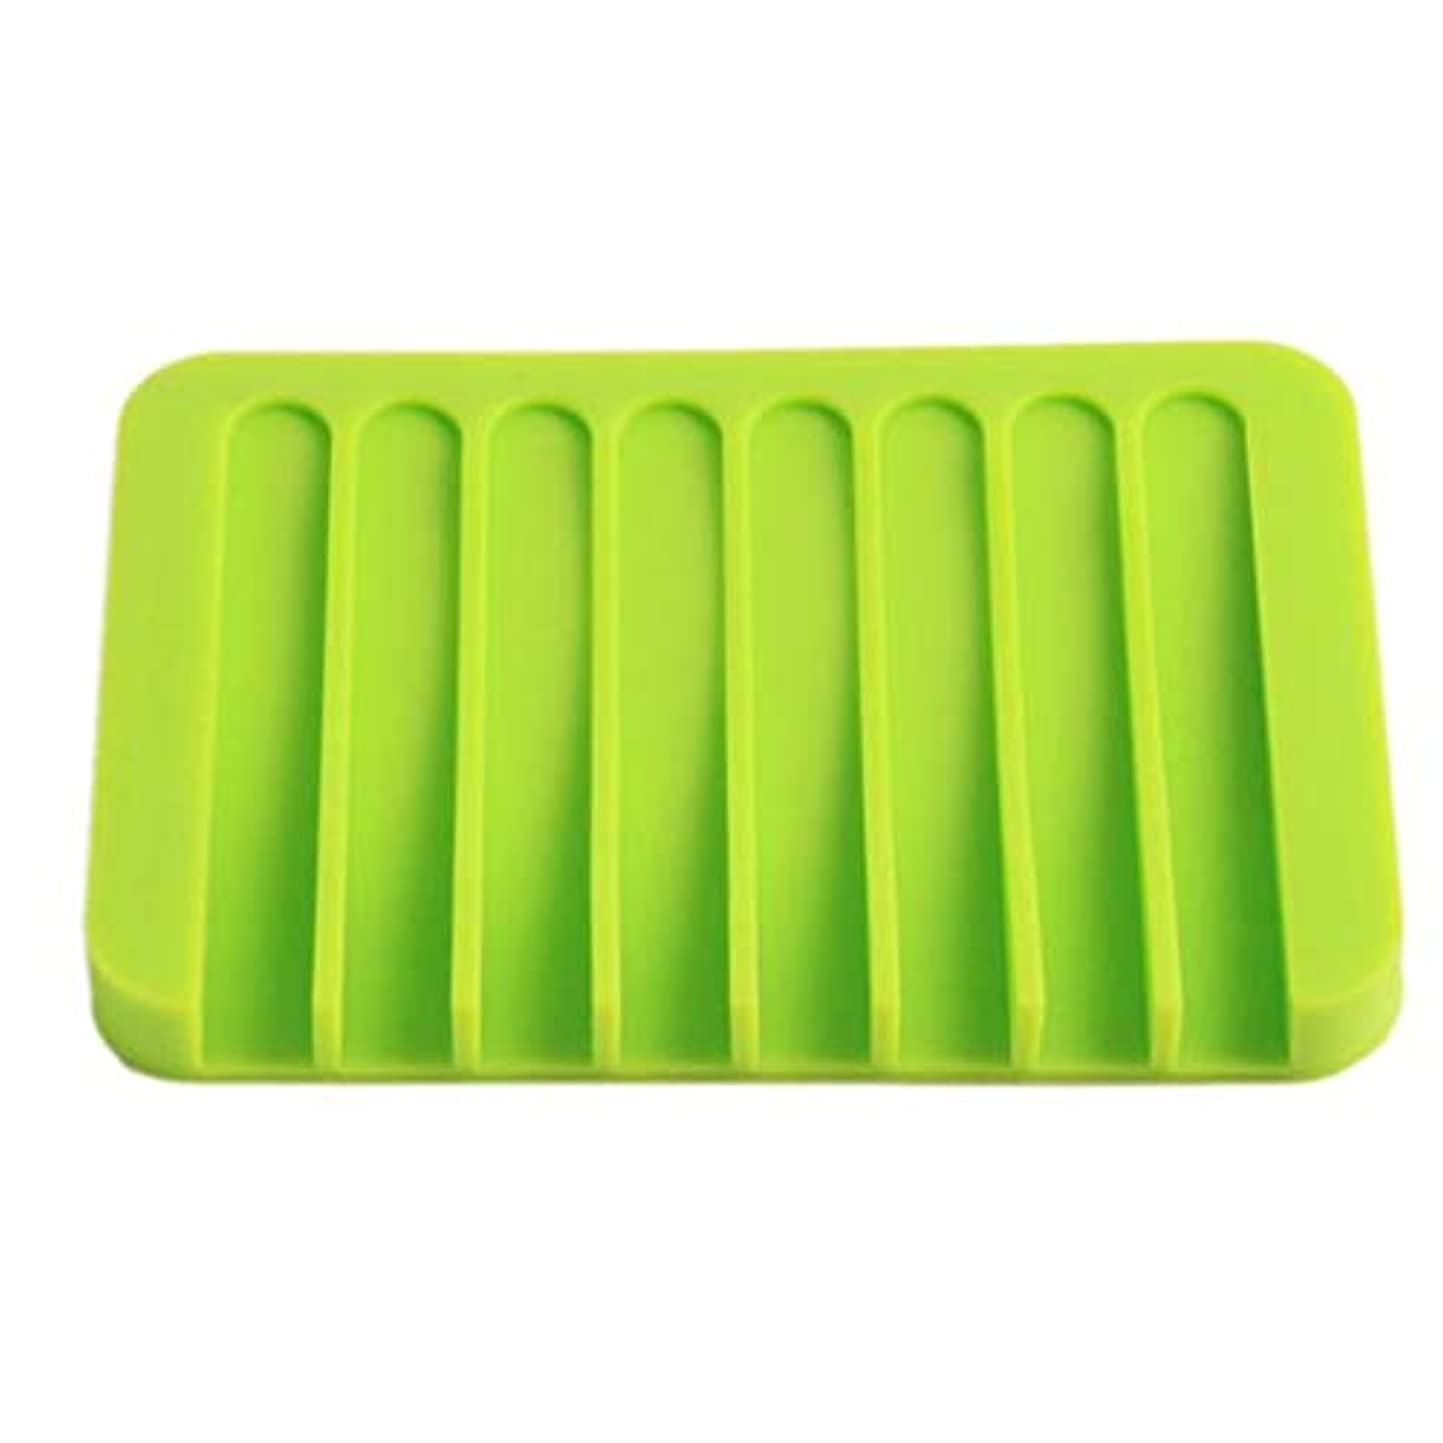 タイトル留まる価格Onior プレミアム品質のシリコーン浴室柔軟な石鹸皿ソープホルダー収納ソープボックスプレートトレイ排水、グリーン